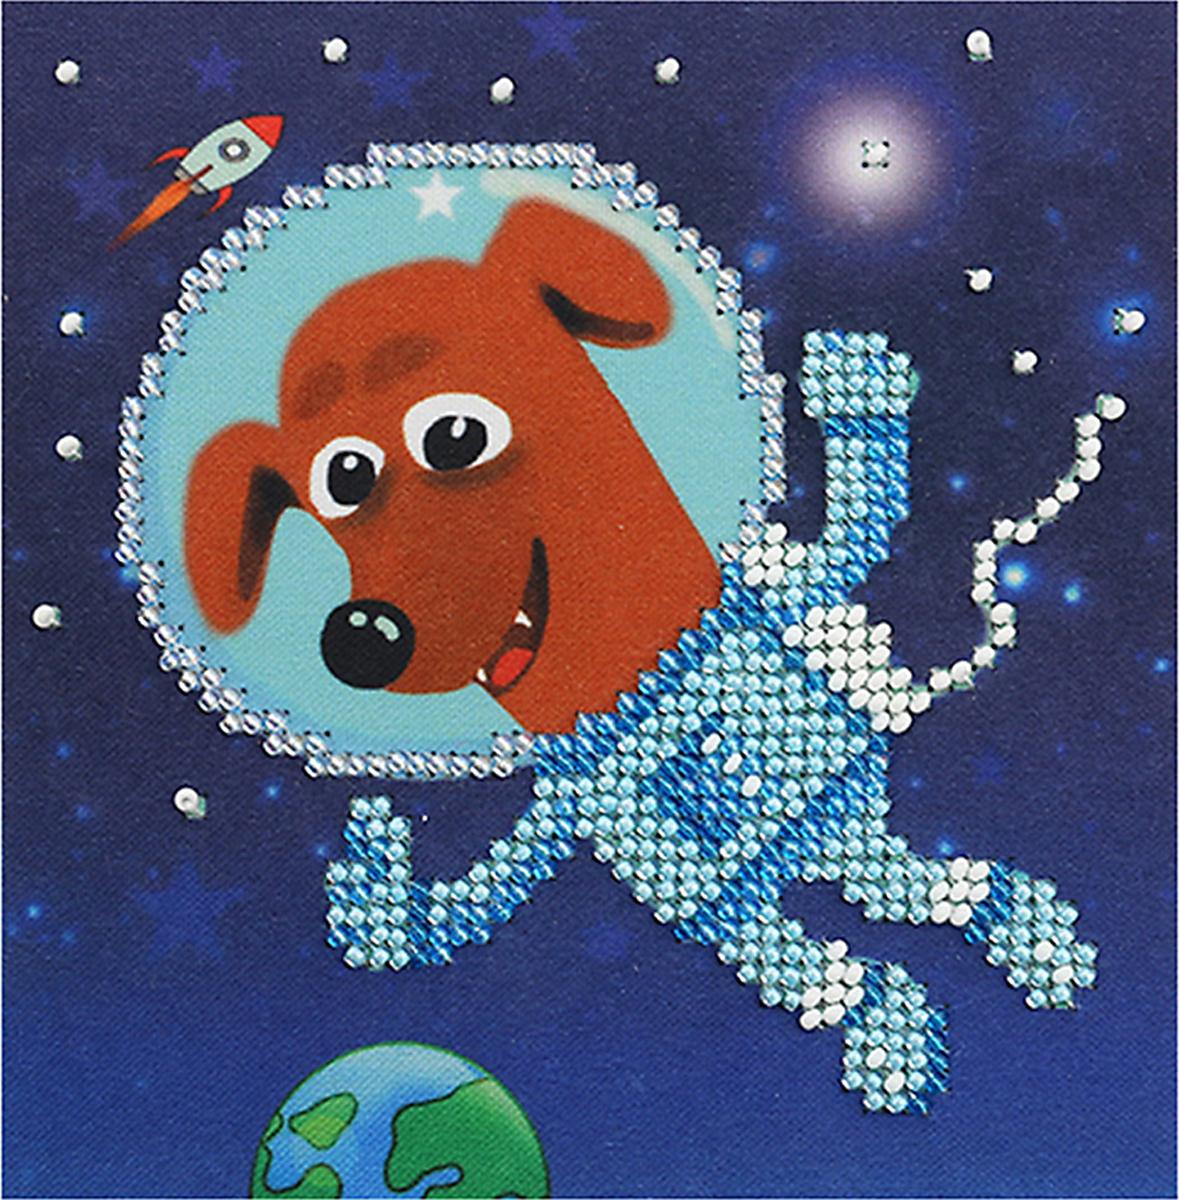 Набор для вышивания бисером Бисеринка В открытом космосе, 12 х 12 см набор для вышивания бисером бисеринка под зонтиком 12 х 12 см